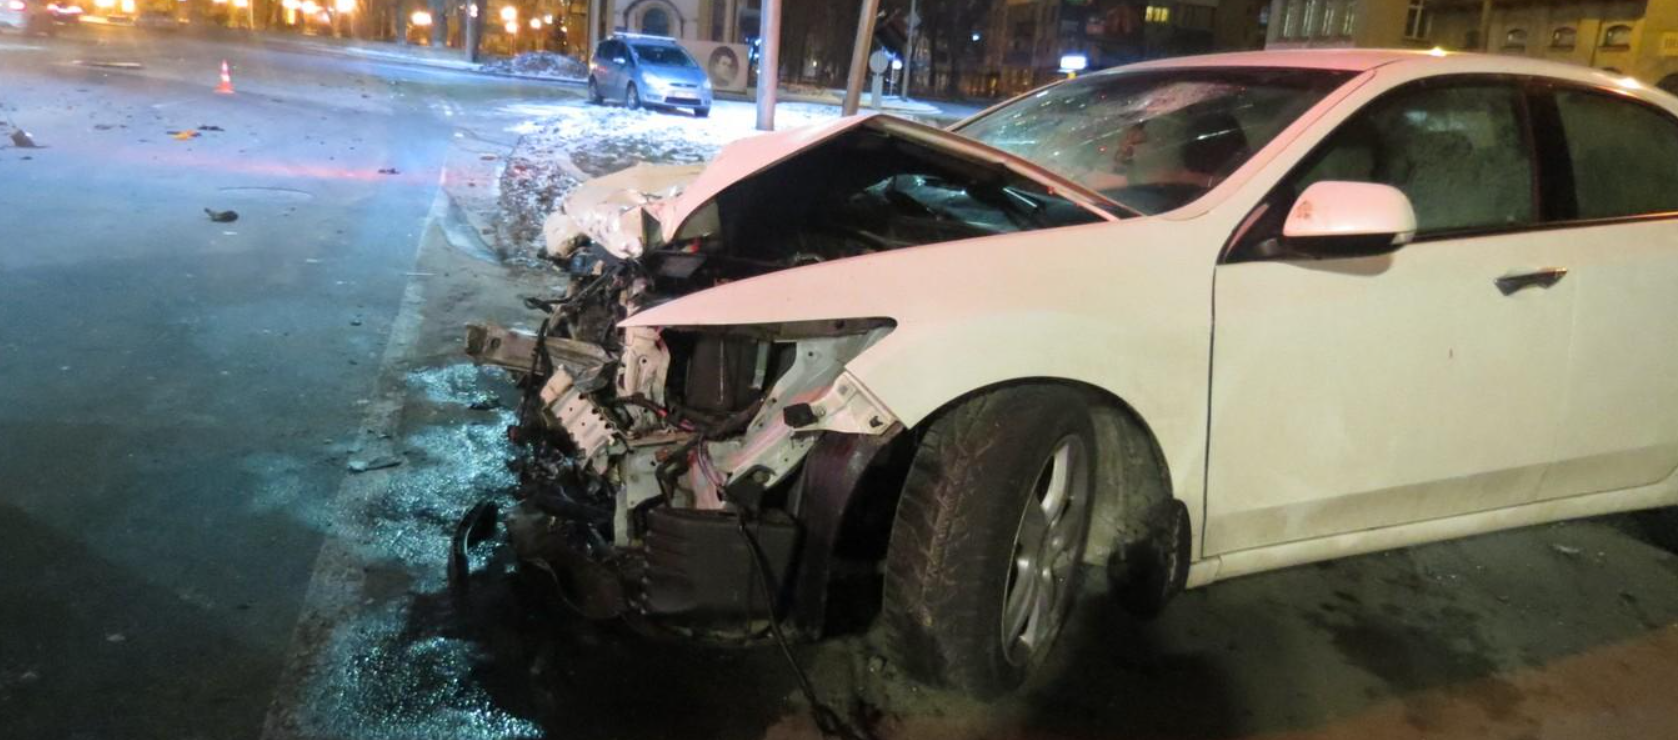 Кроссовер съехал на обочину, снес дорожный знак и повредил светофор